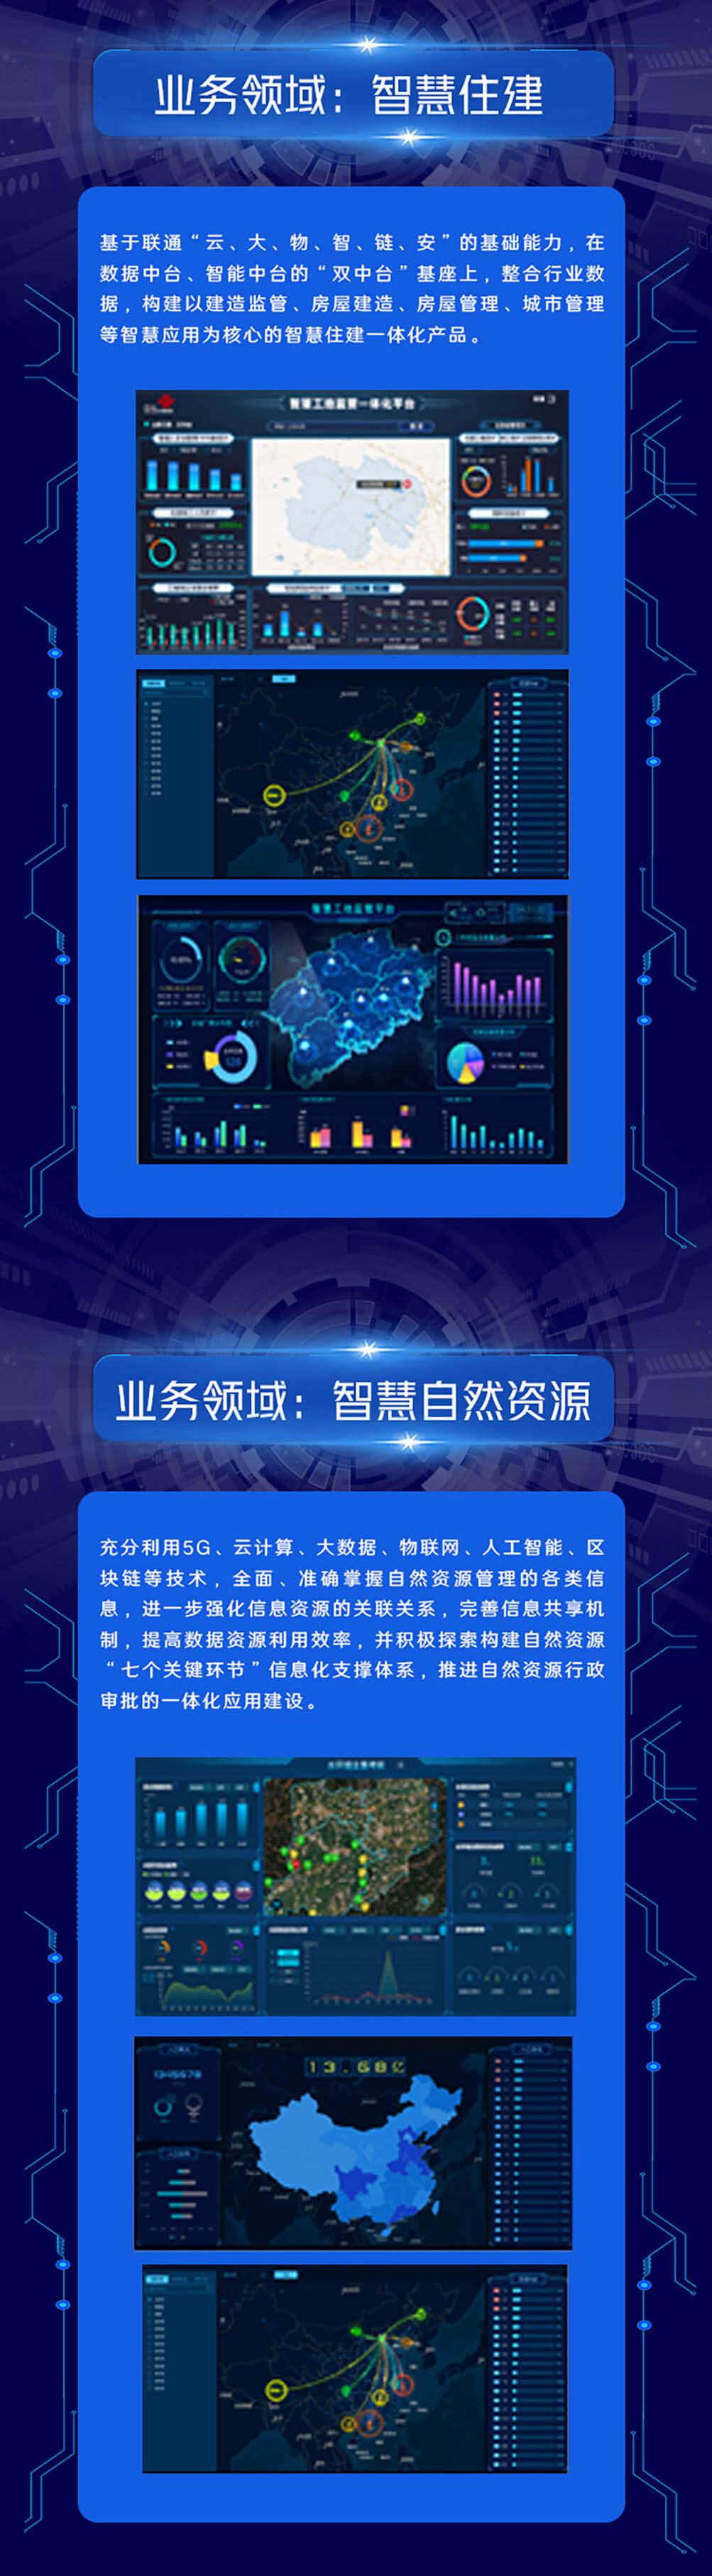 """智融5G云网 营造""""绿水青山""""3"""